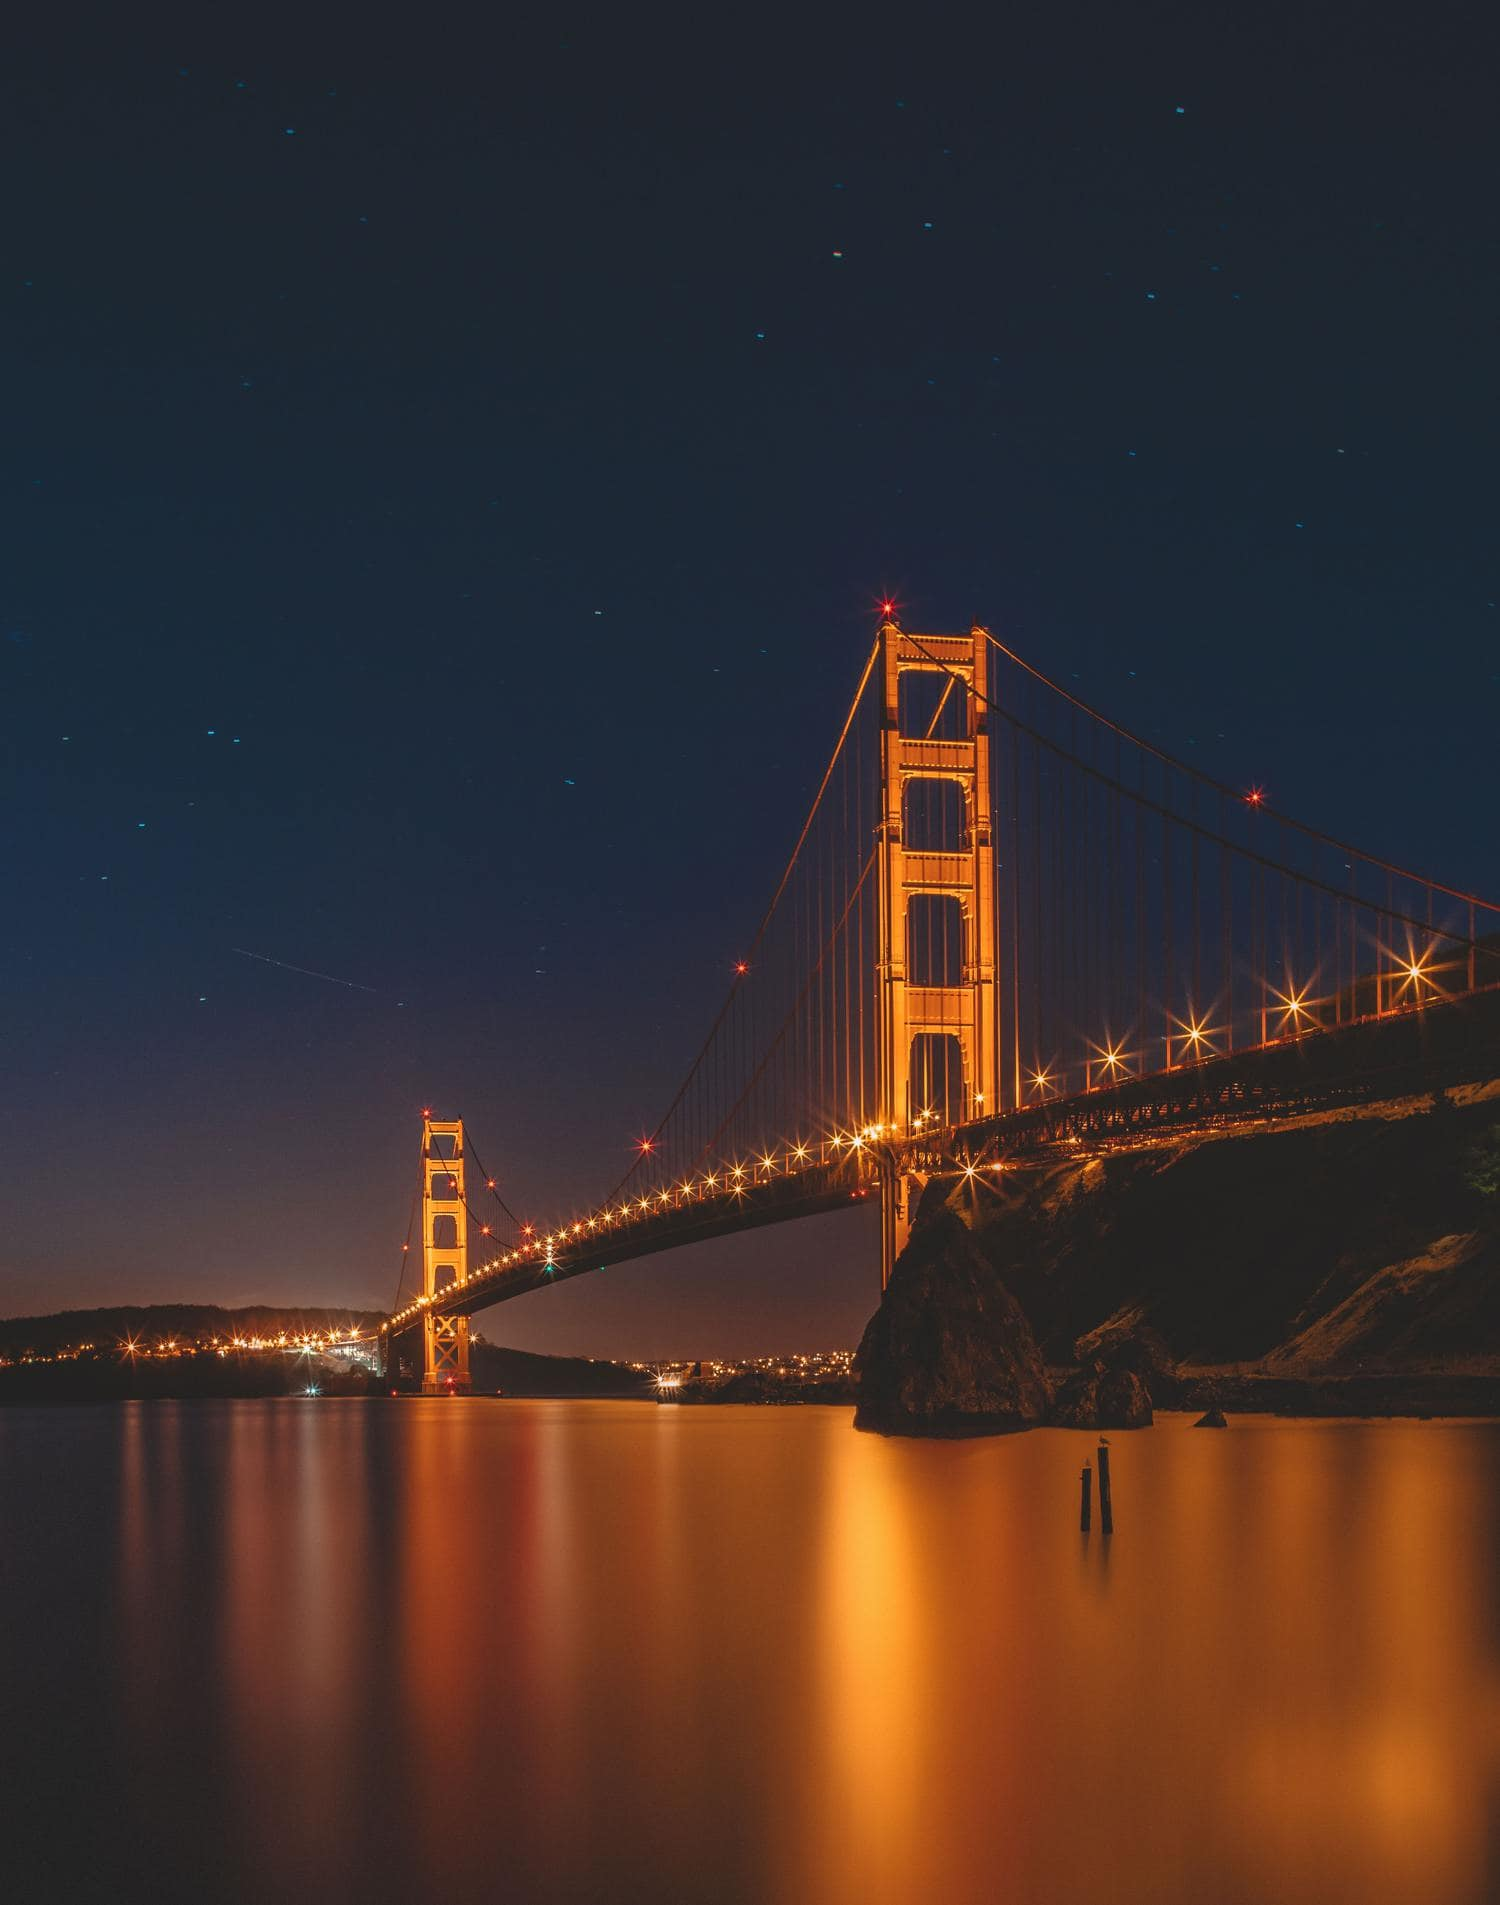 Puente como parte de un paisaje urbano nocturno con luz de farolas en forma de estrella